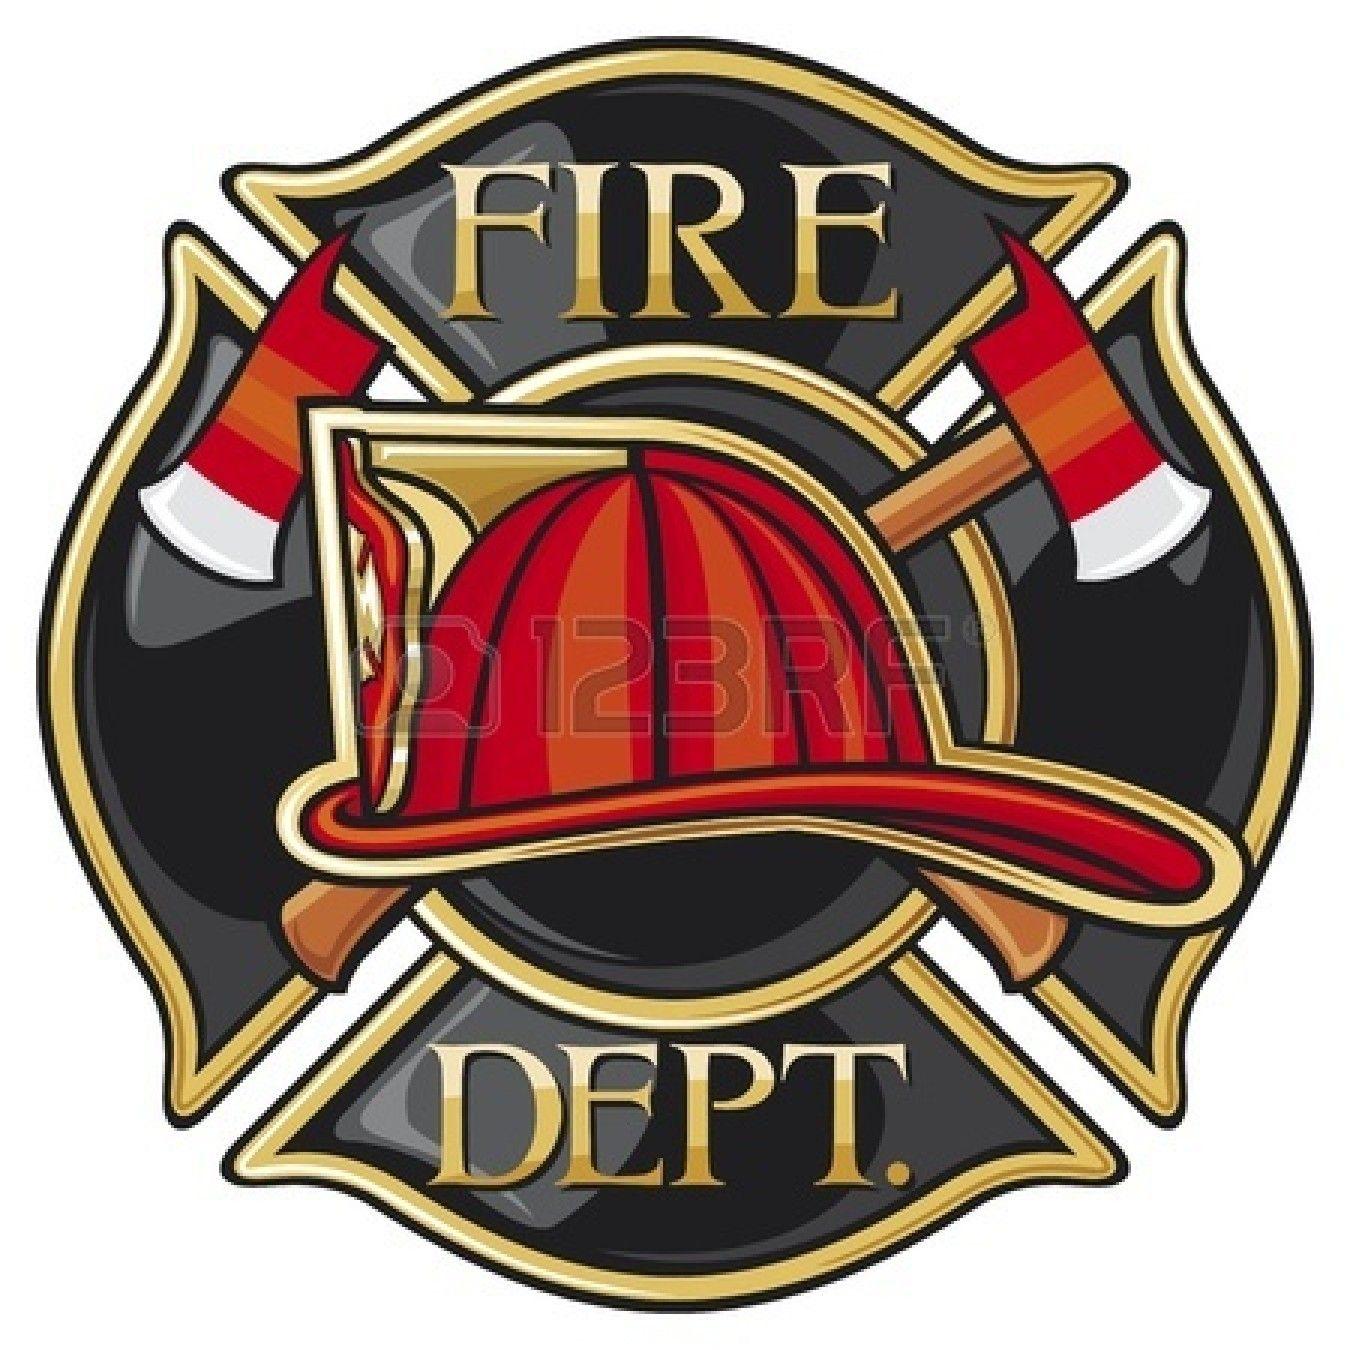 Firefighter fire department fire dept silhouette stuff firefighter fire department buycottarizona Choice Image